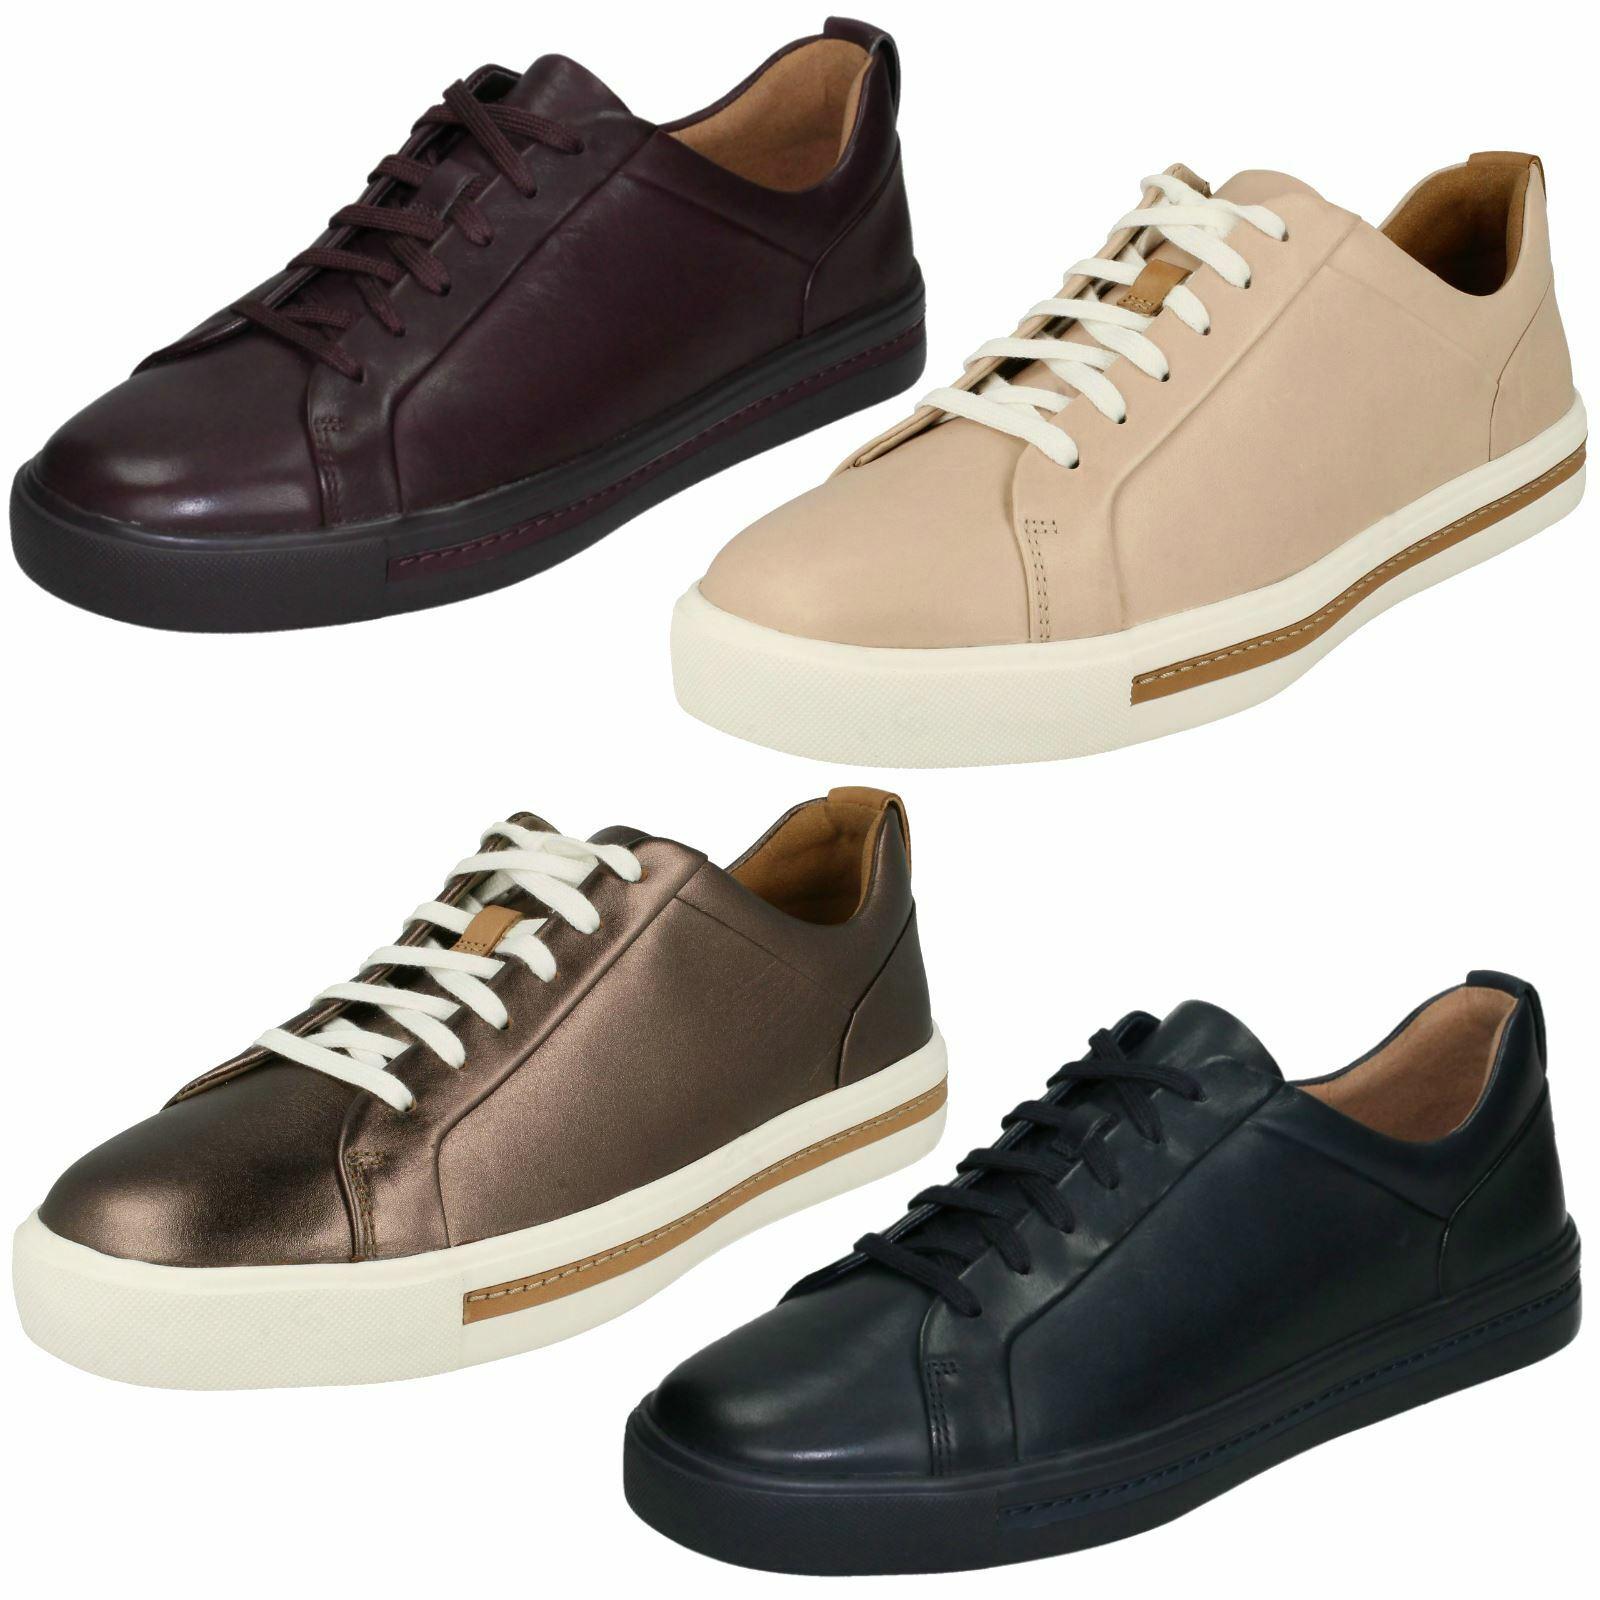 Ladies Clarks Stylish Lace Up shoes Un Maui Lace